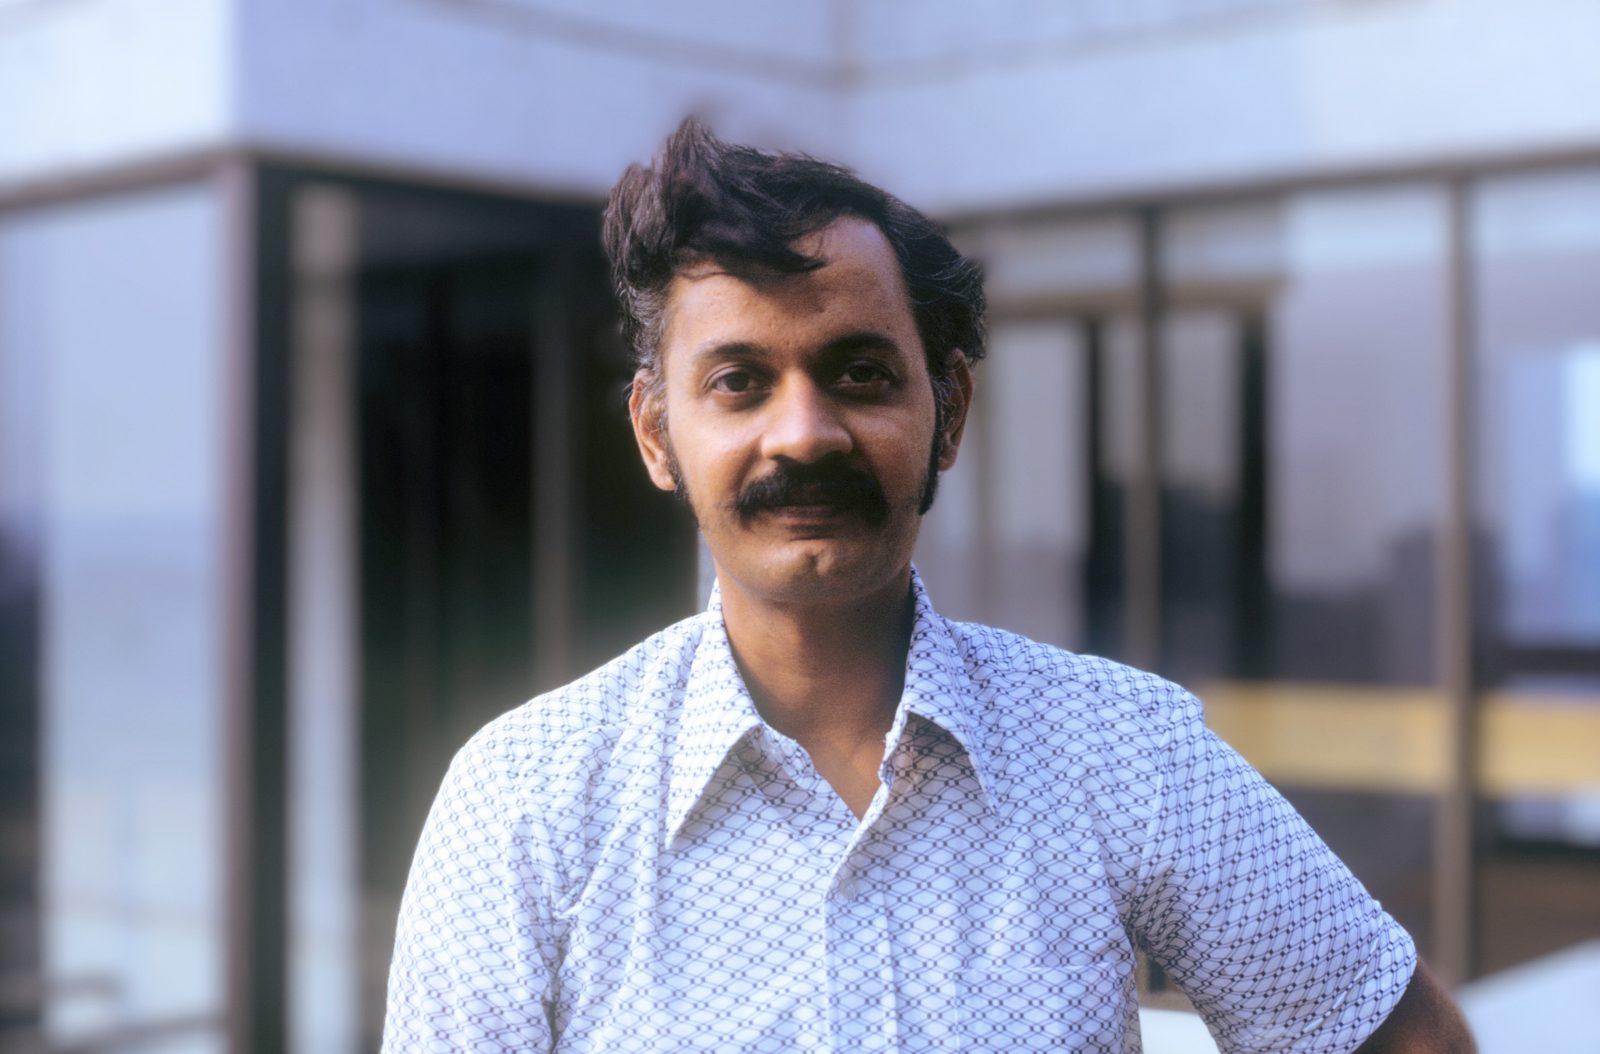 Portrait blur in Google Photos